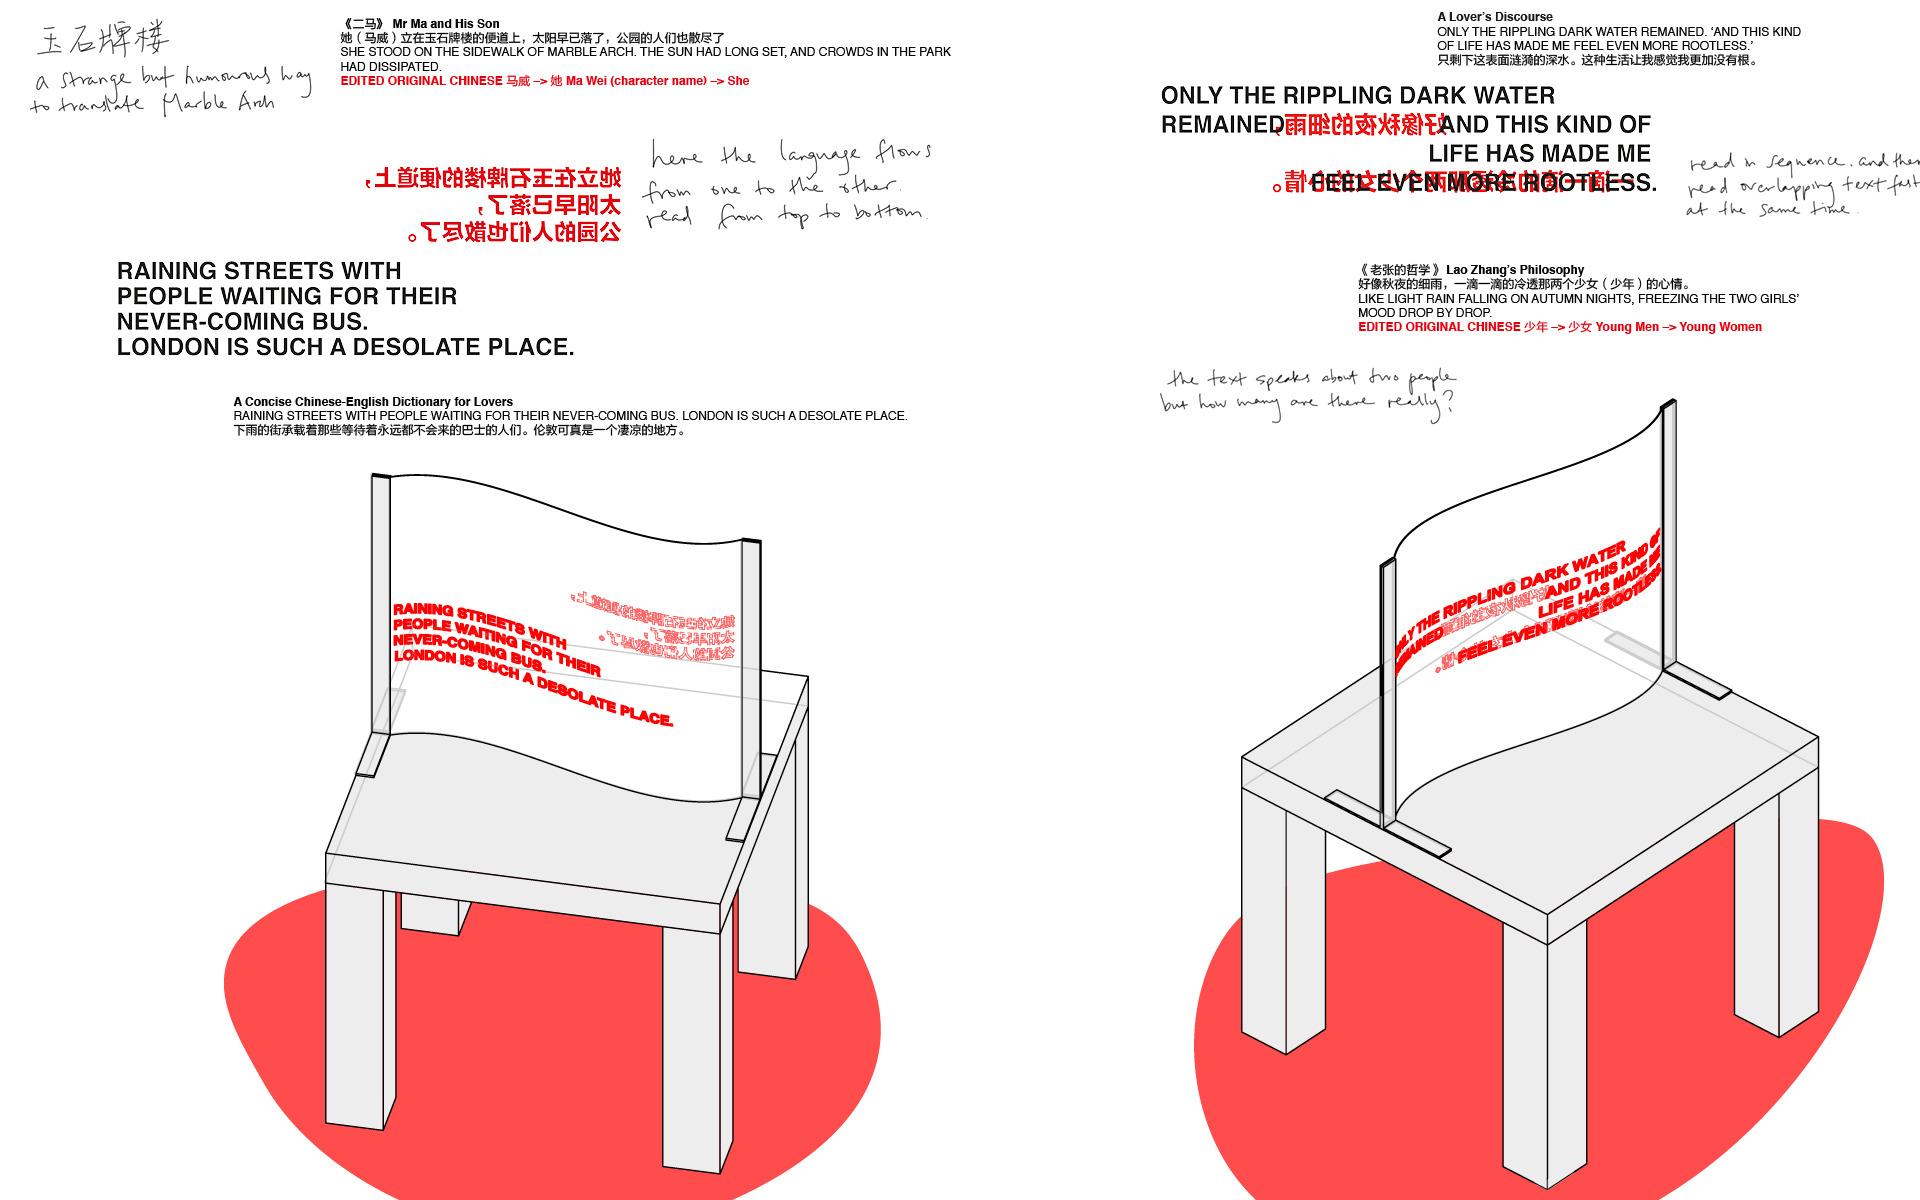 55cm desks, text sewn on paper